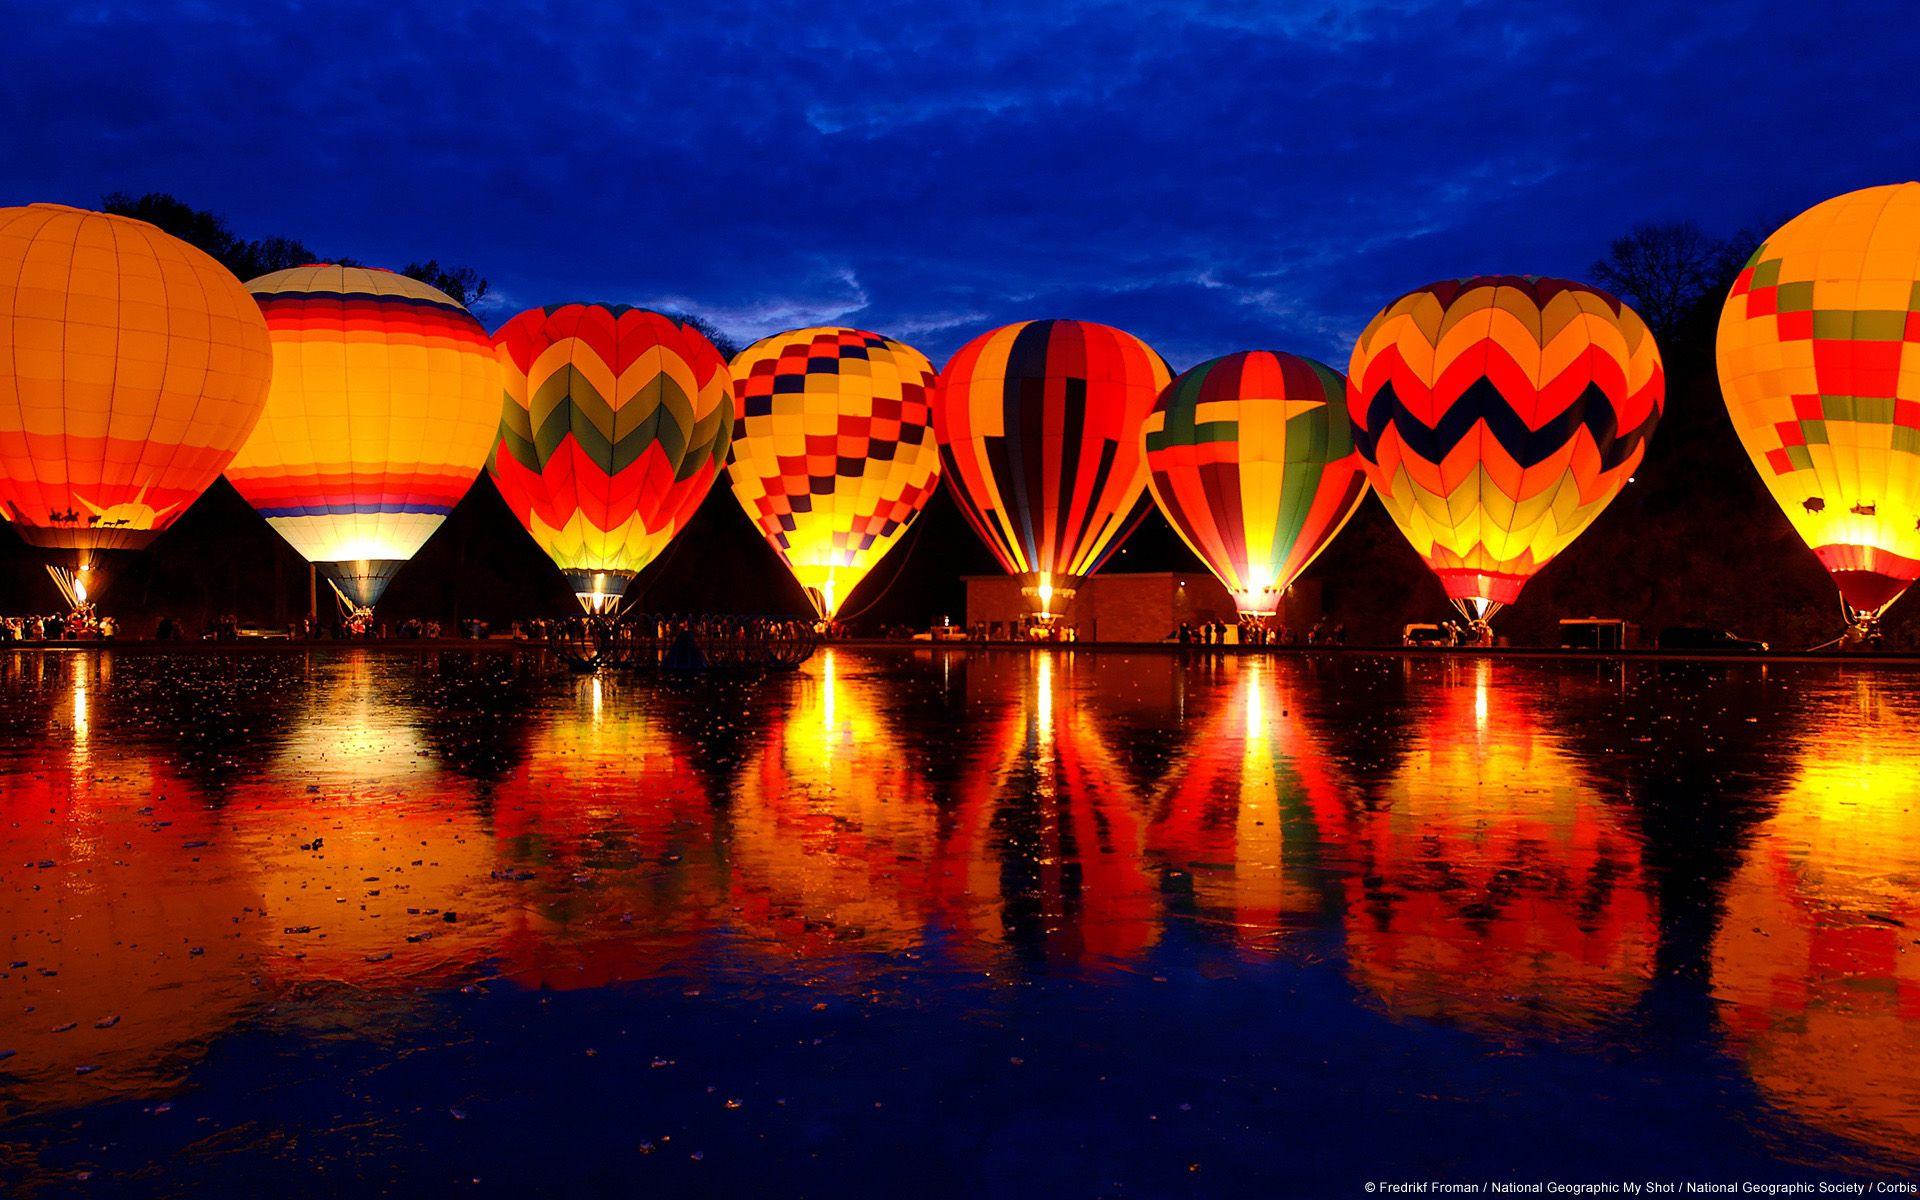 Baloes De Ar Quente Balao Brilhante Balonismo Balao De Ar Quente